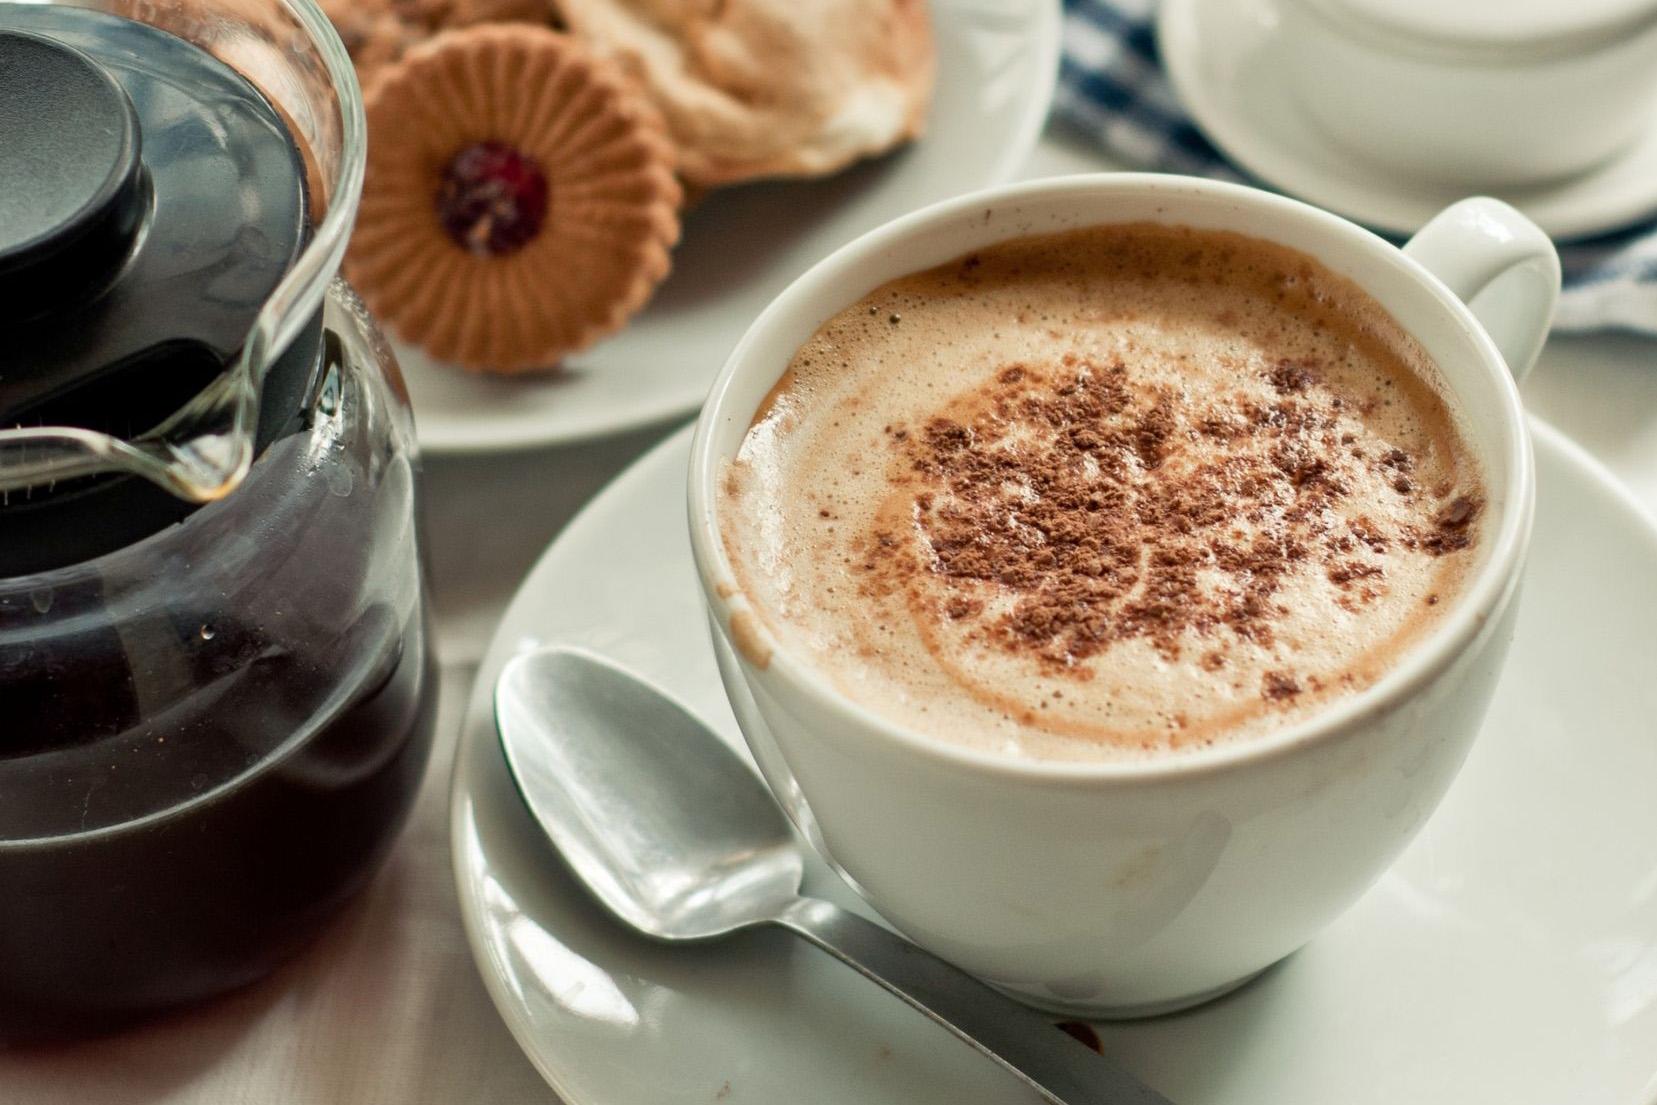 optimum kávé fogyás hogy néz ki, amikor lefogy